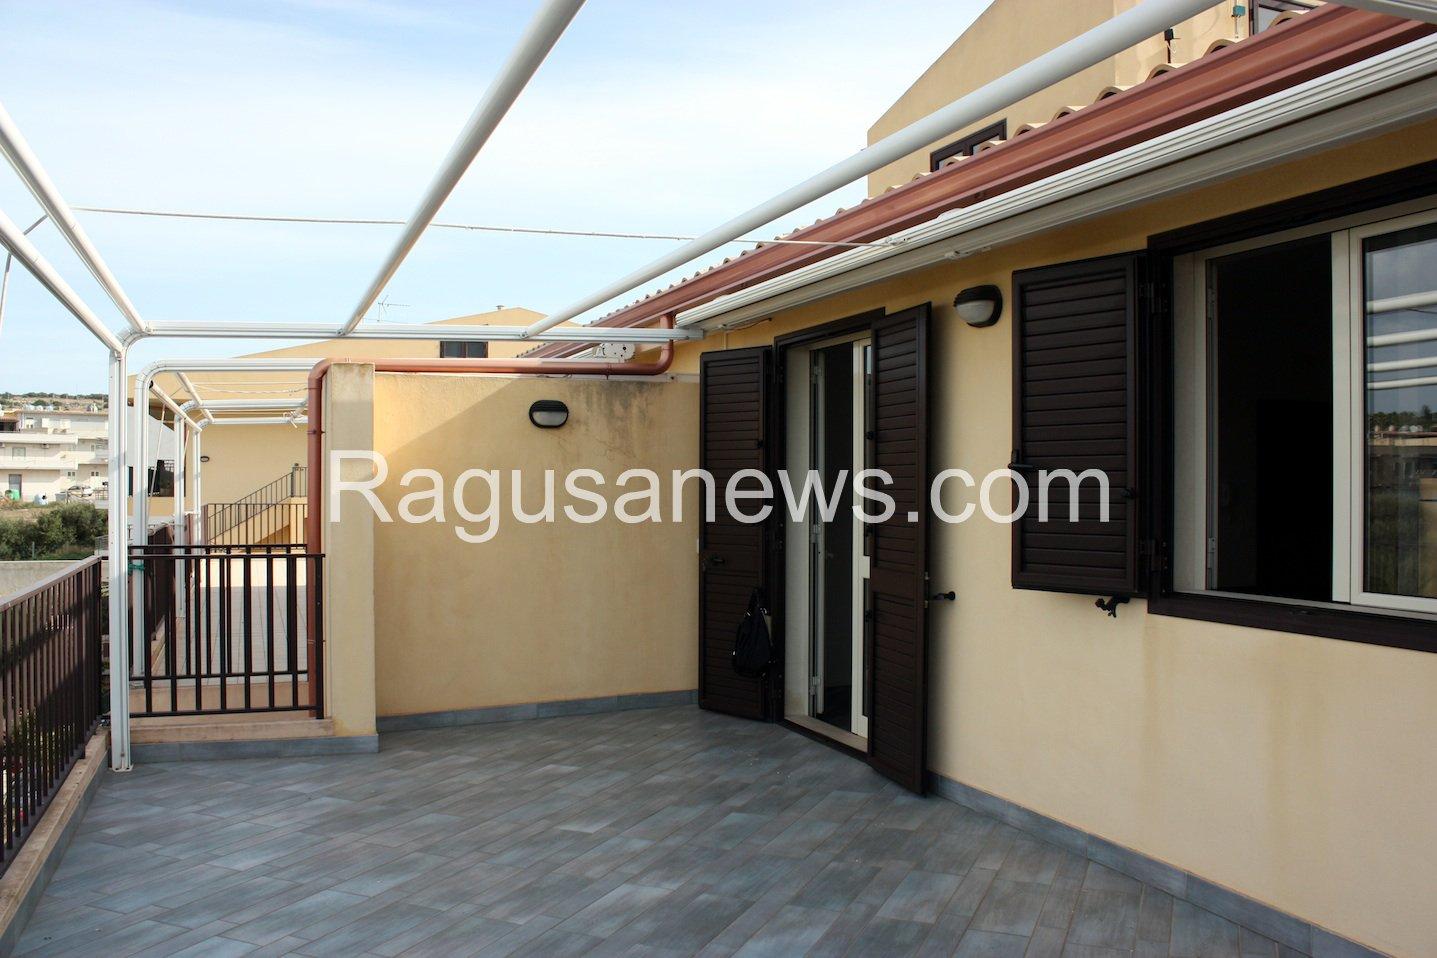 https://www.ragusanews.com//immagini_articoli/16-03-2015/1426494693-1-affitto-appartamento-a-donnalucata.jpg